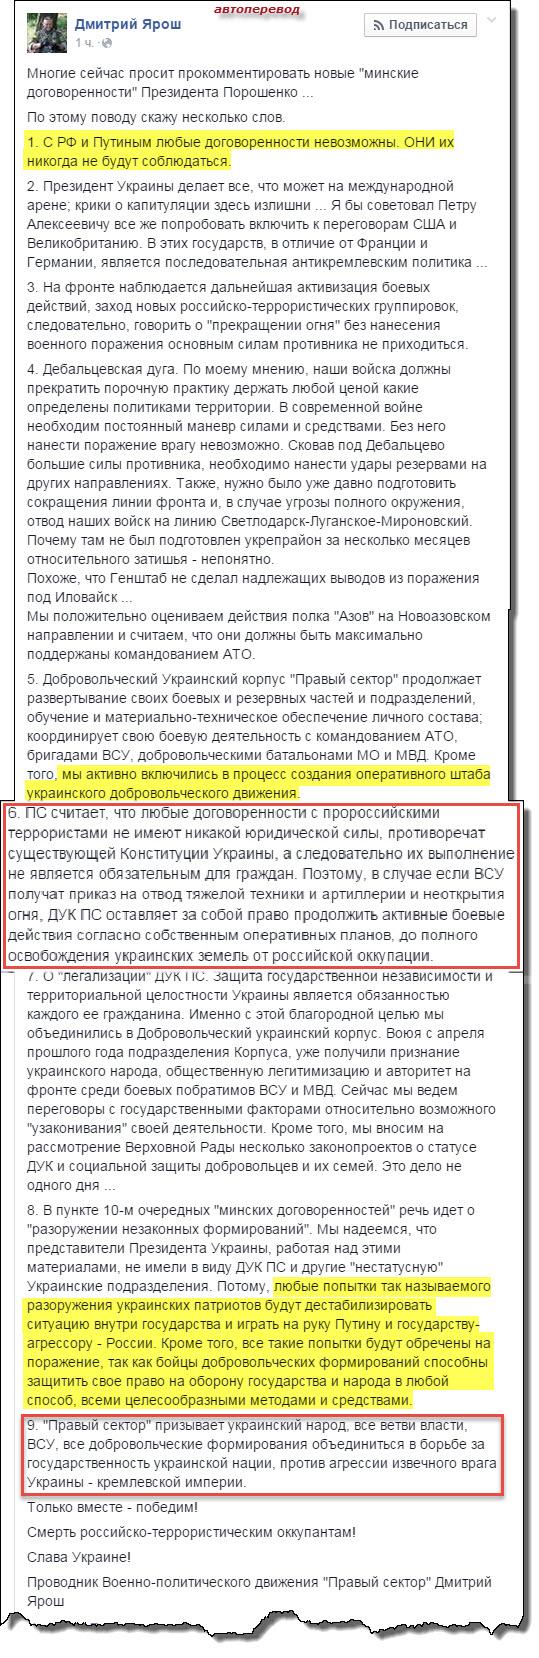 Ярош и Минск